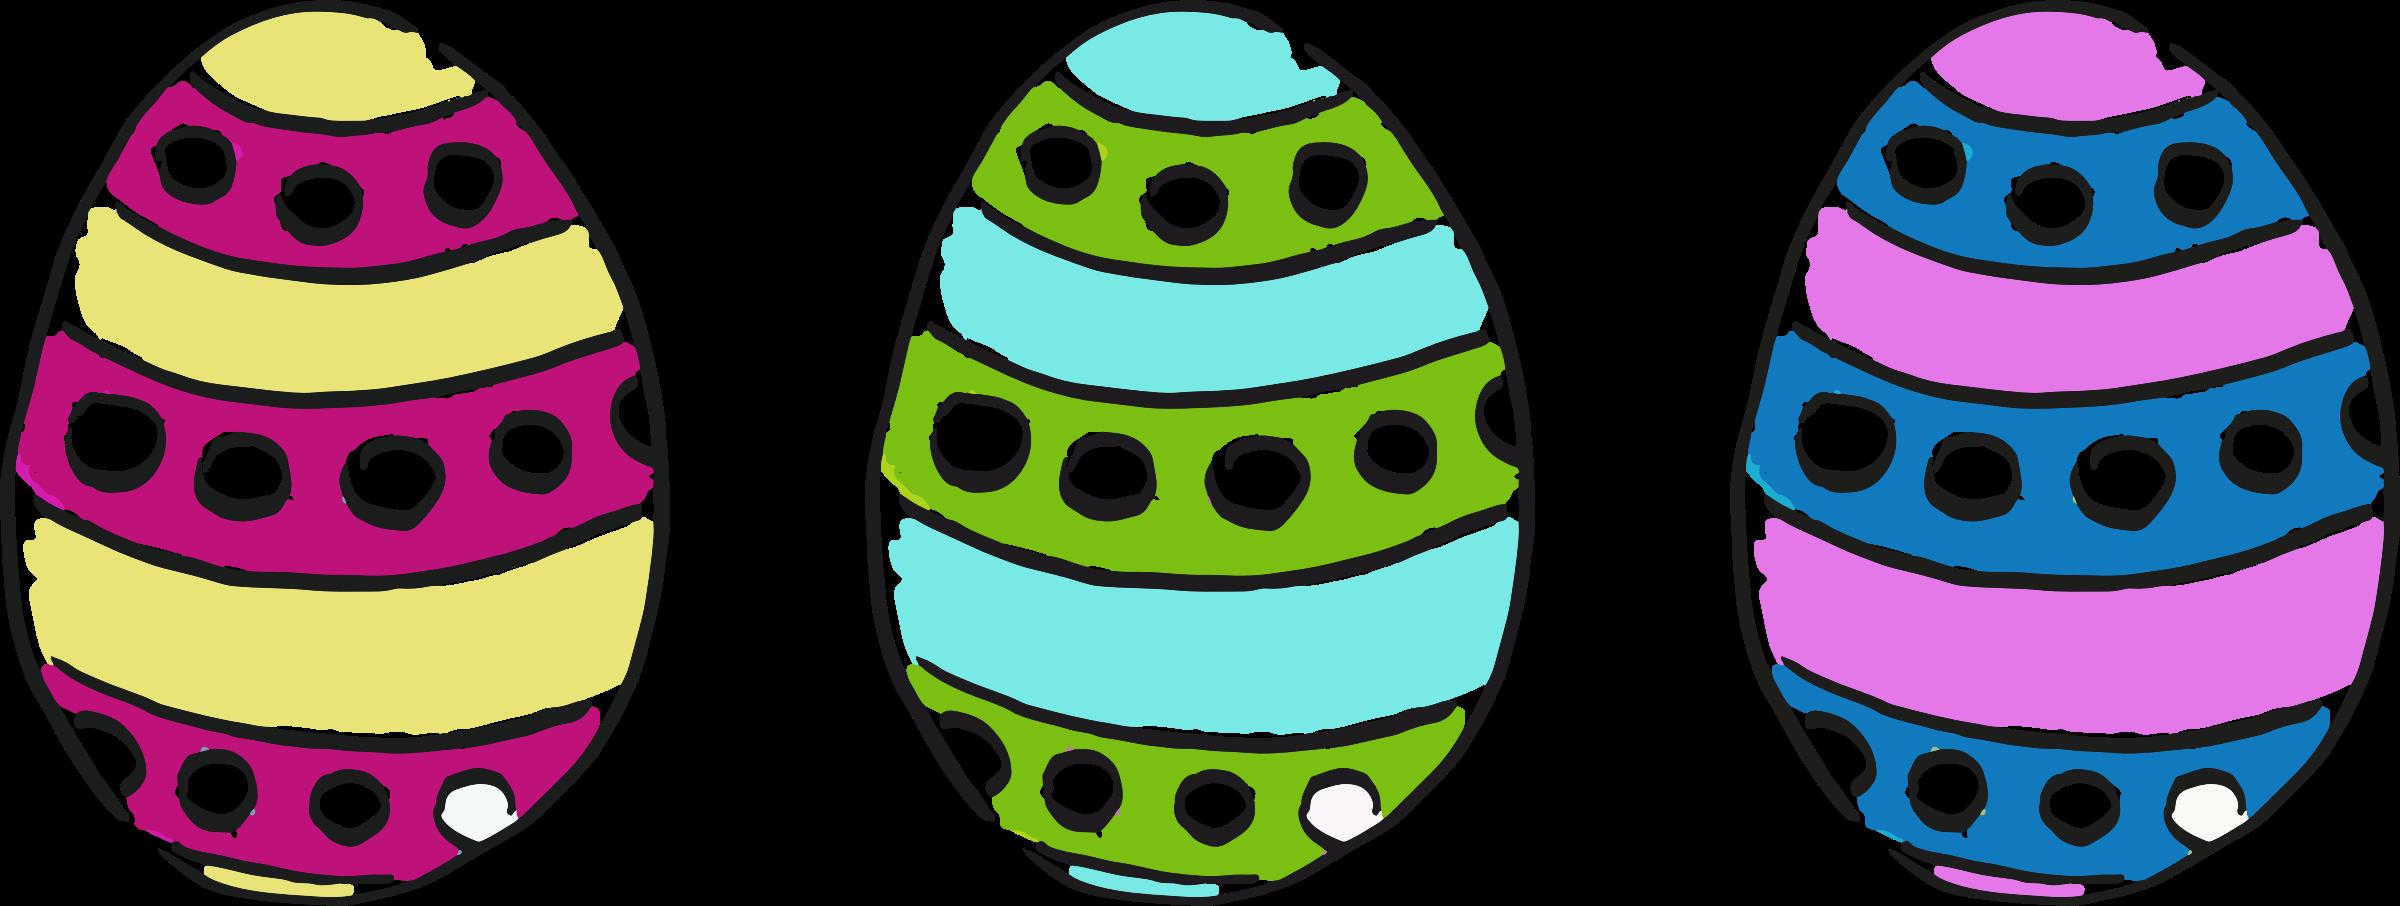 clipart easter eggs 8